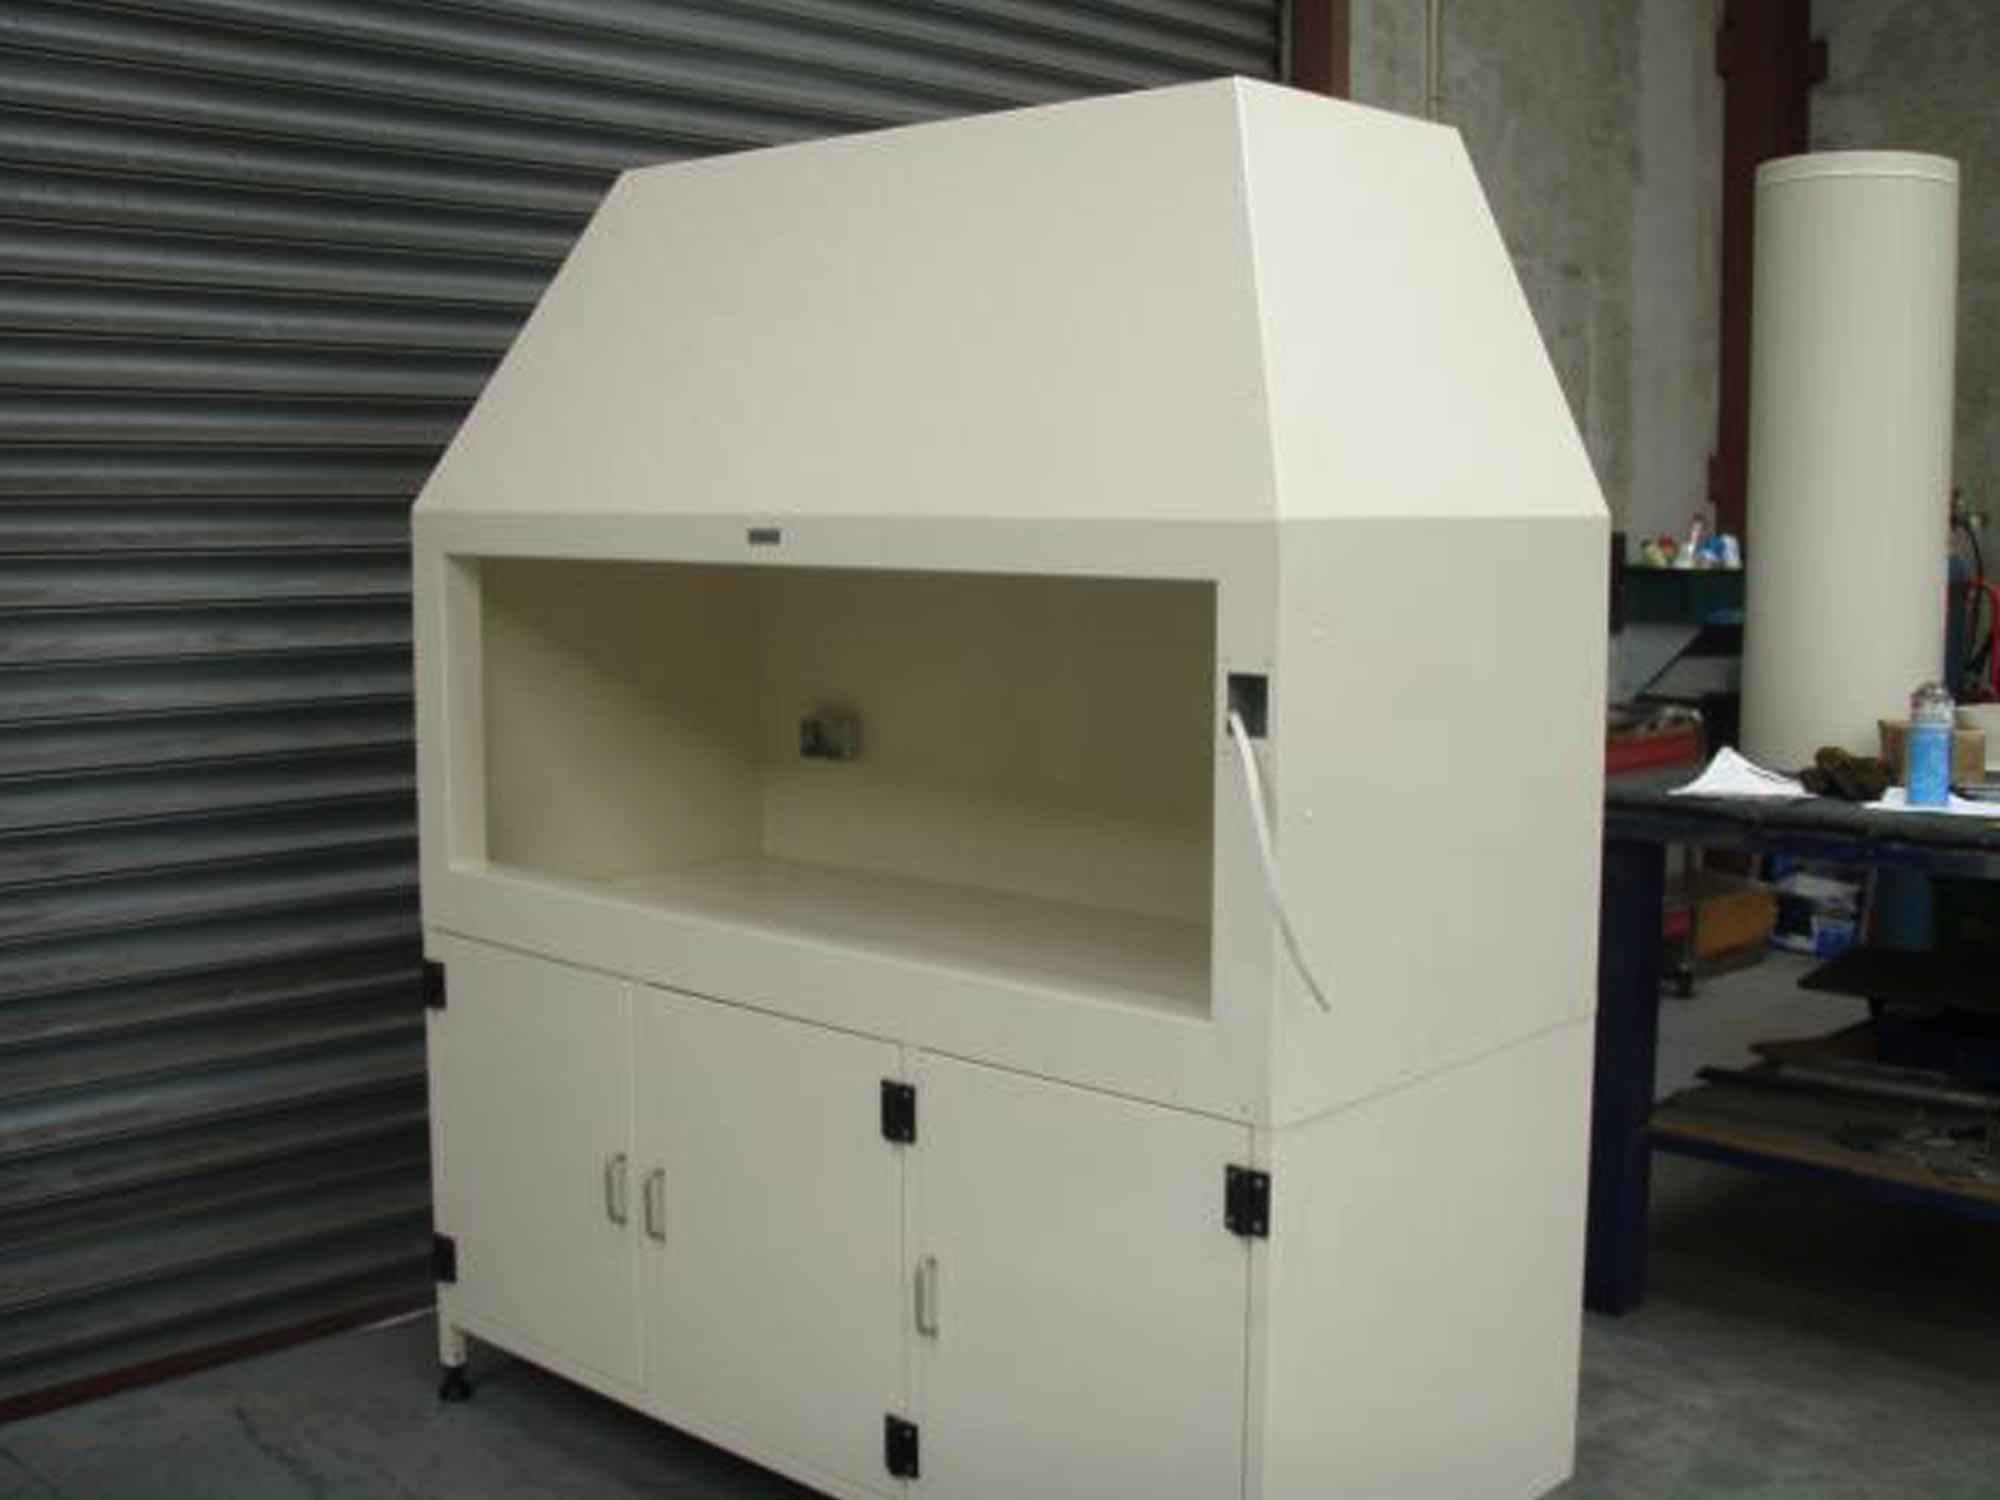 range hood commercial laboratory extractor hood 600